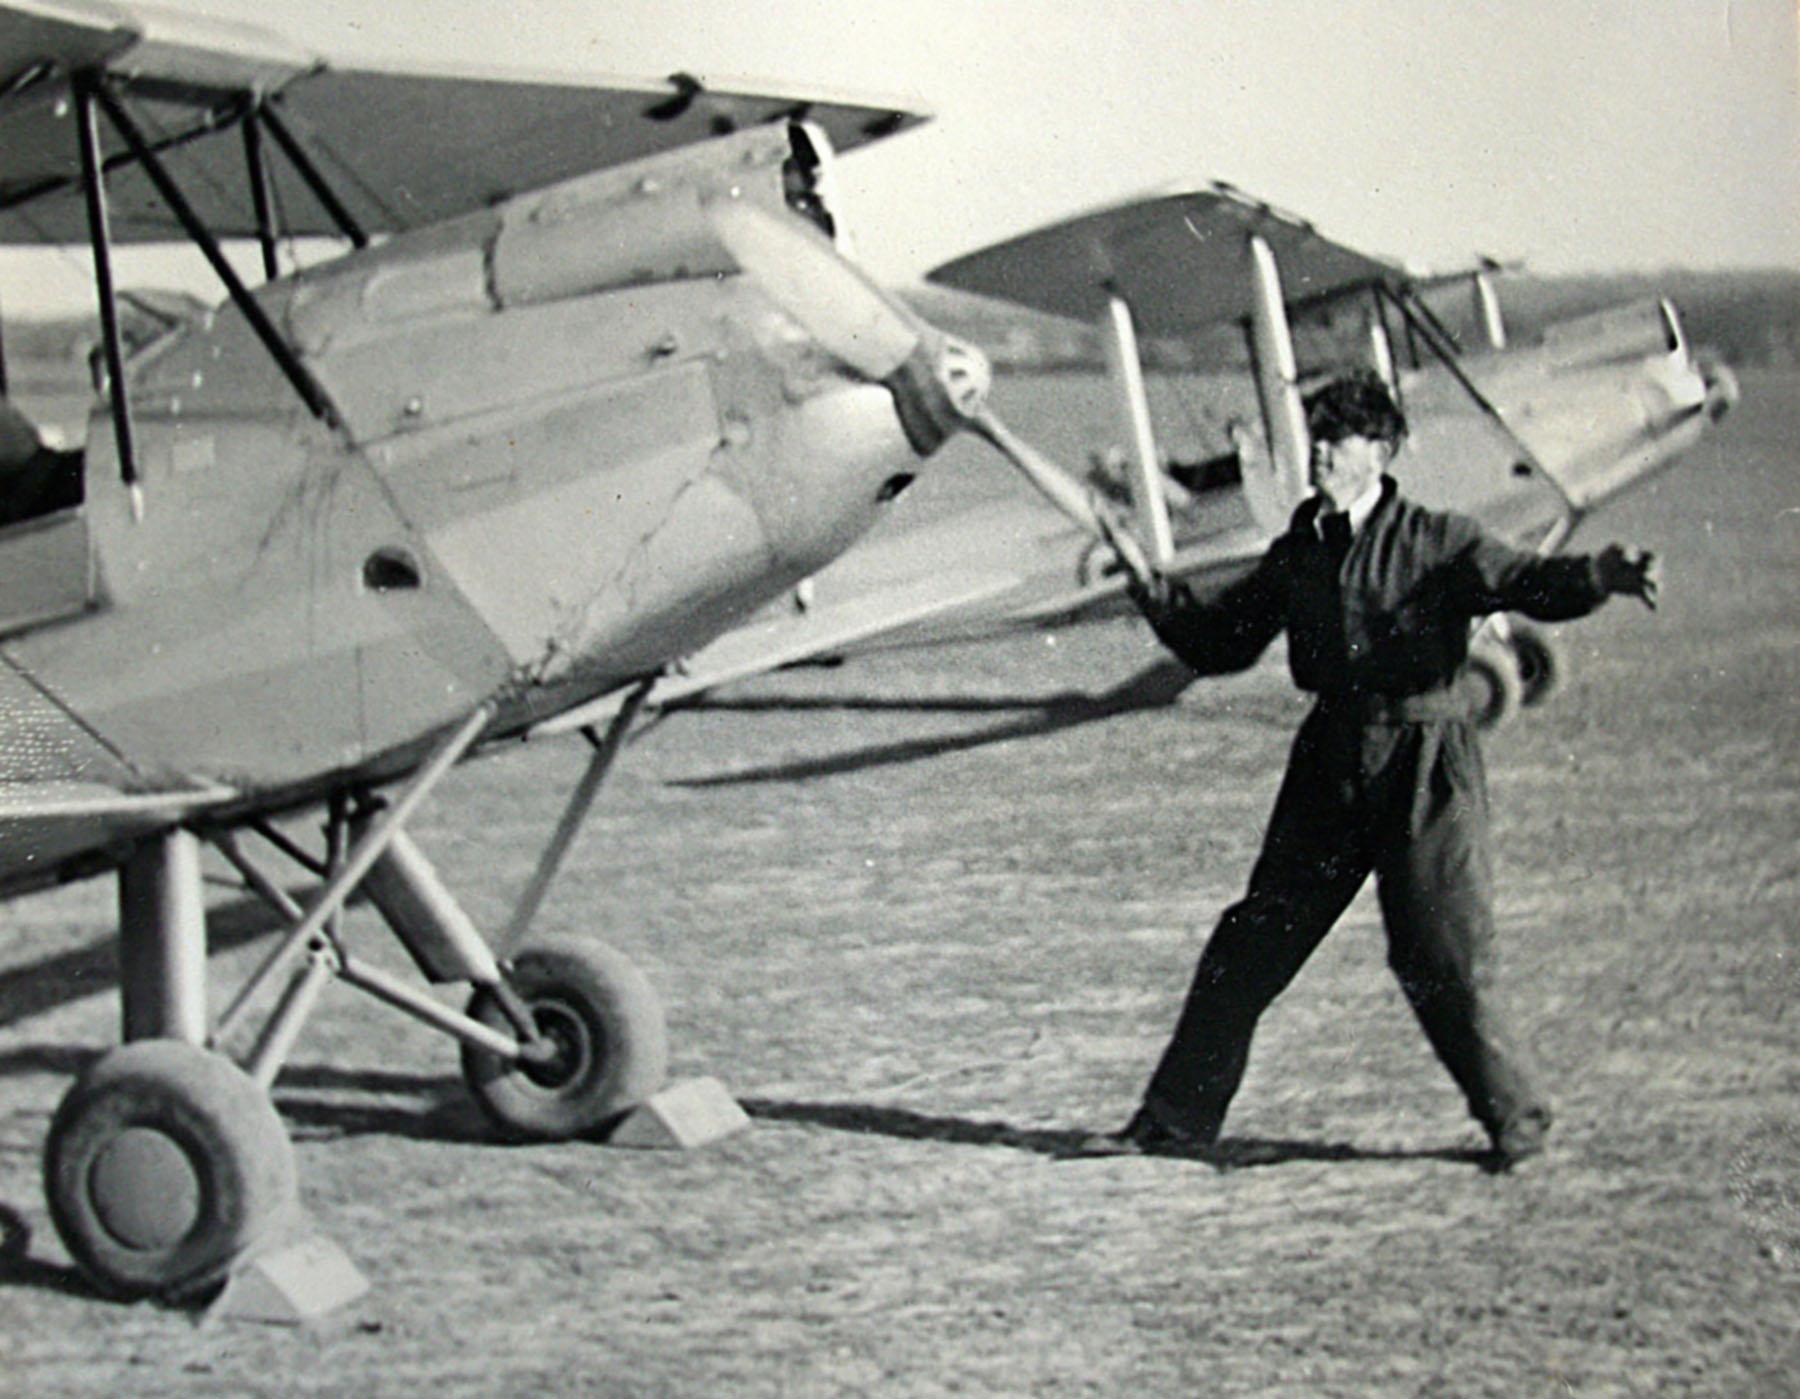 DH60M Gipsy Moth RAF photo taken by Patrick Hayes KIA July 7 1940 01